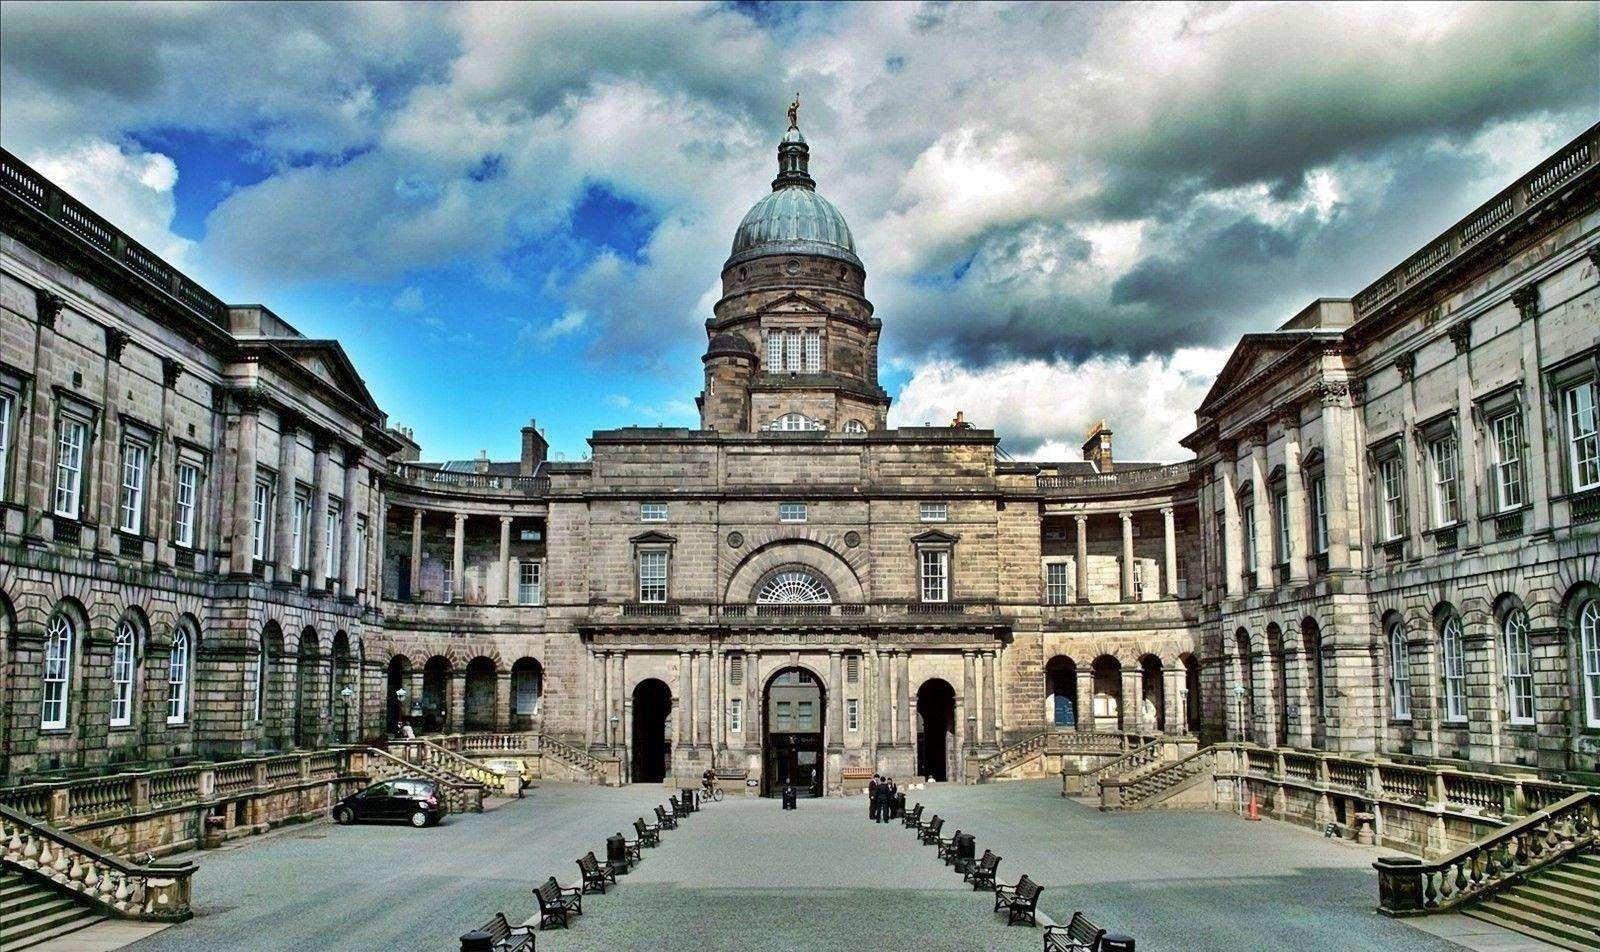 英国爱丁堡大学本科申请条件